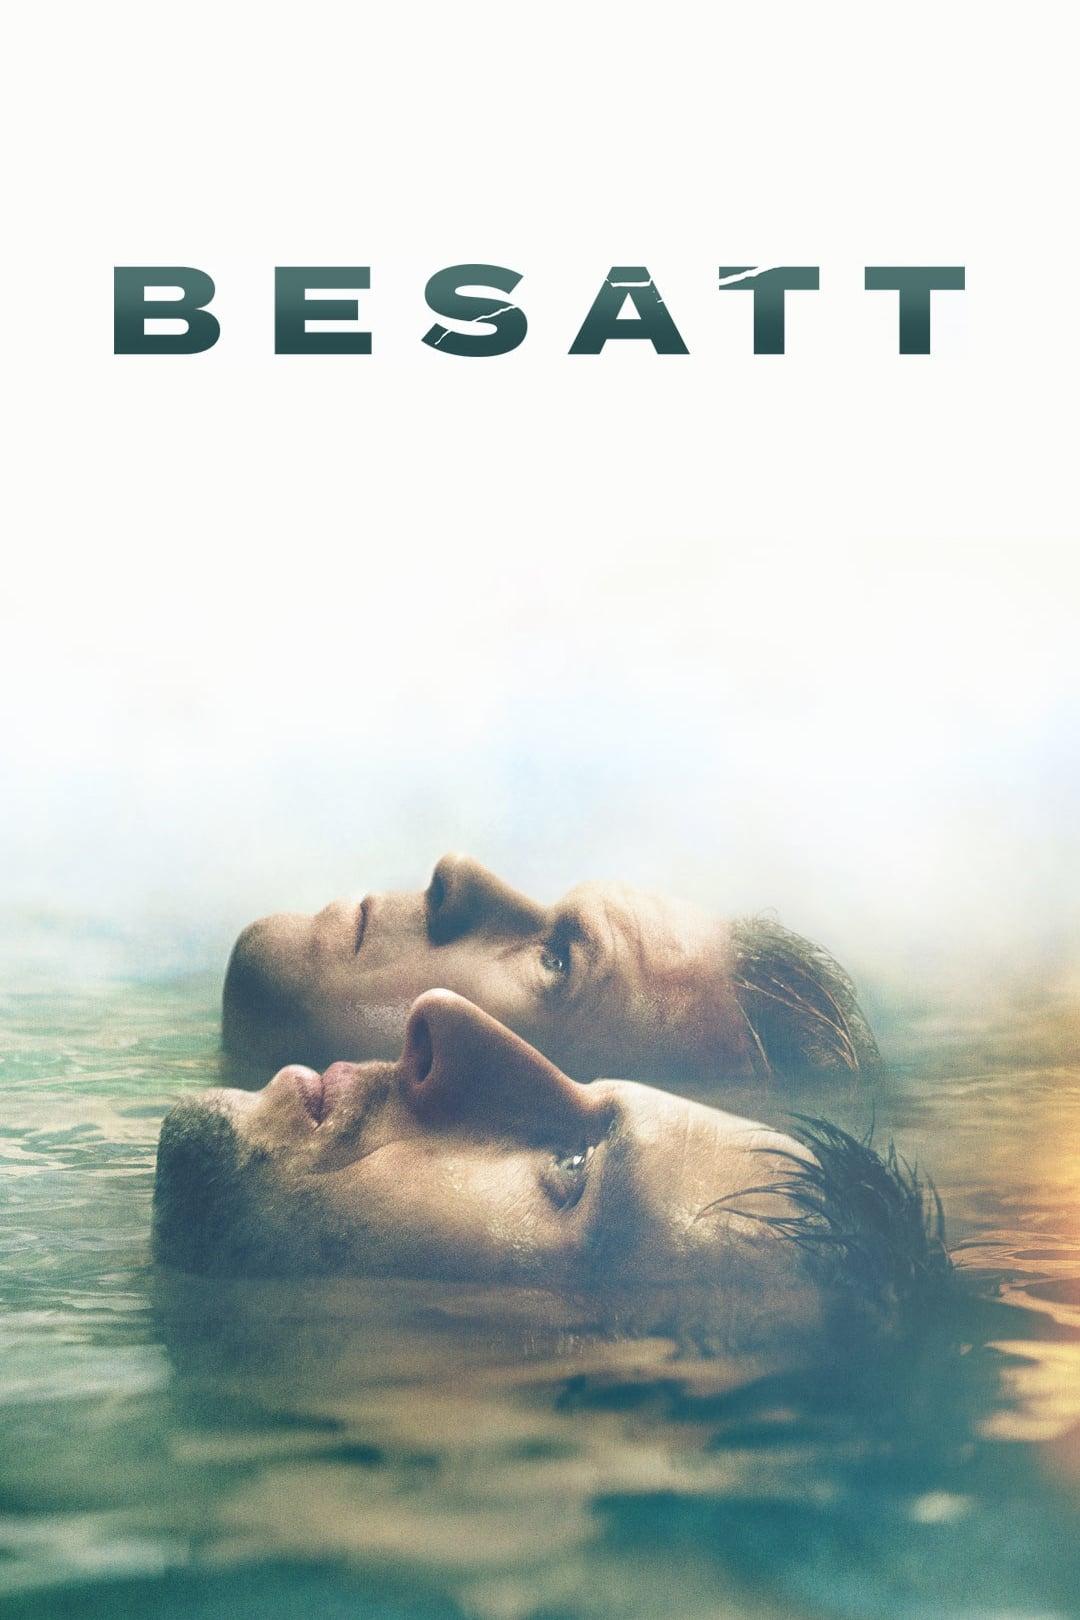 Besatt TV Shows About Rain